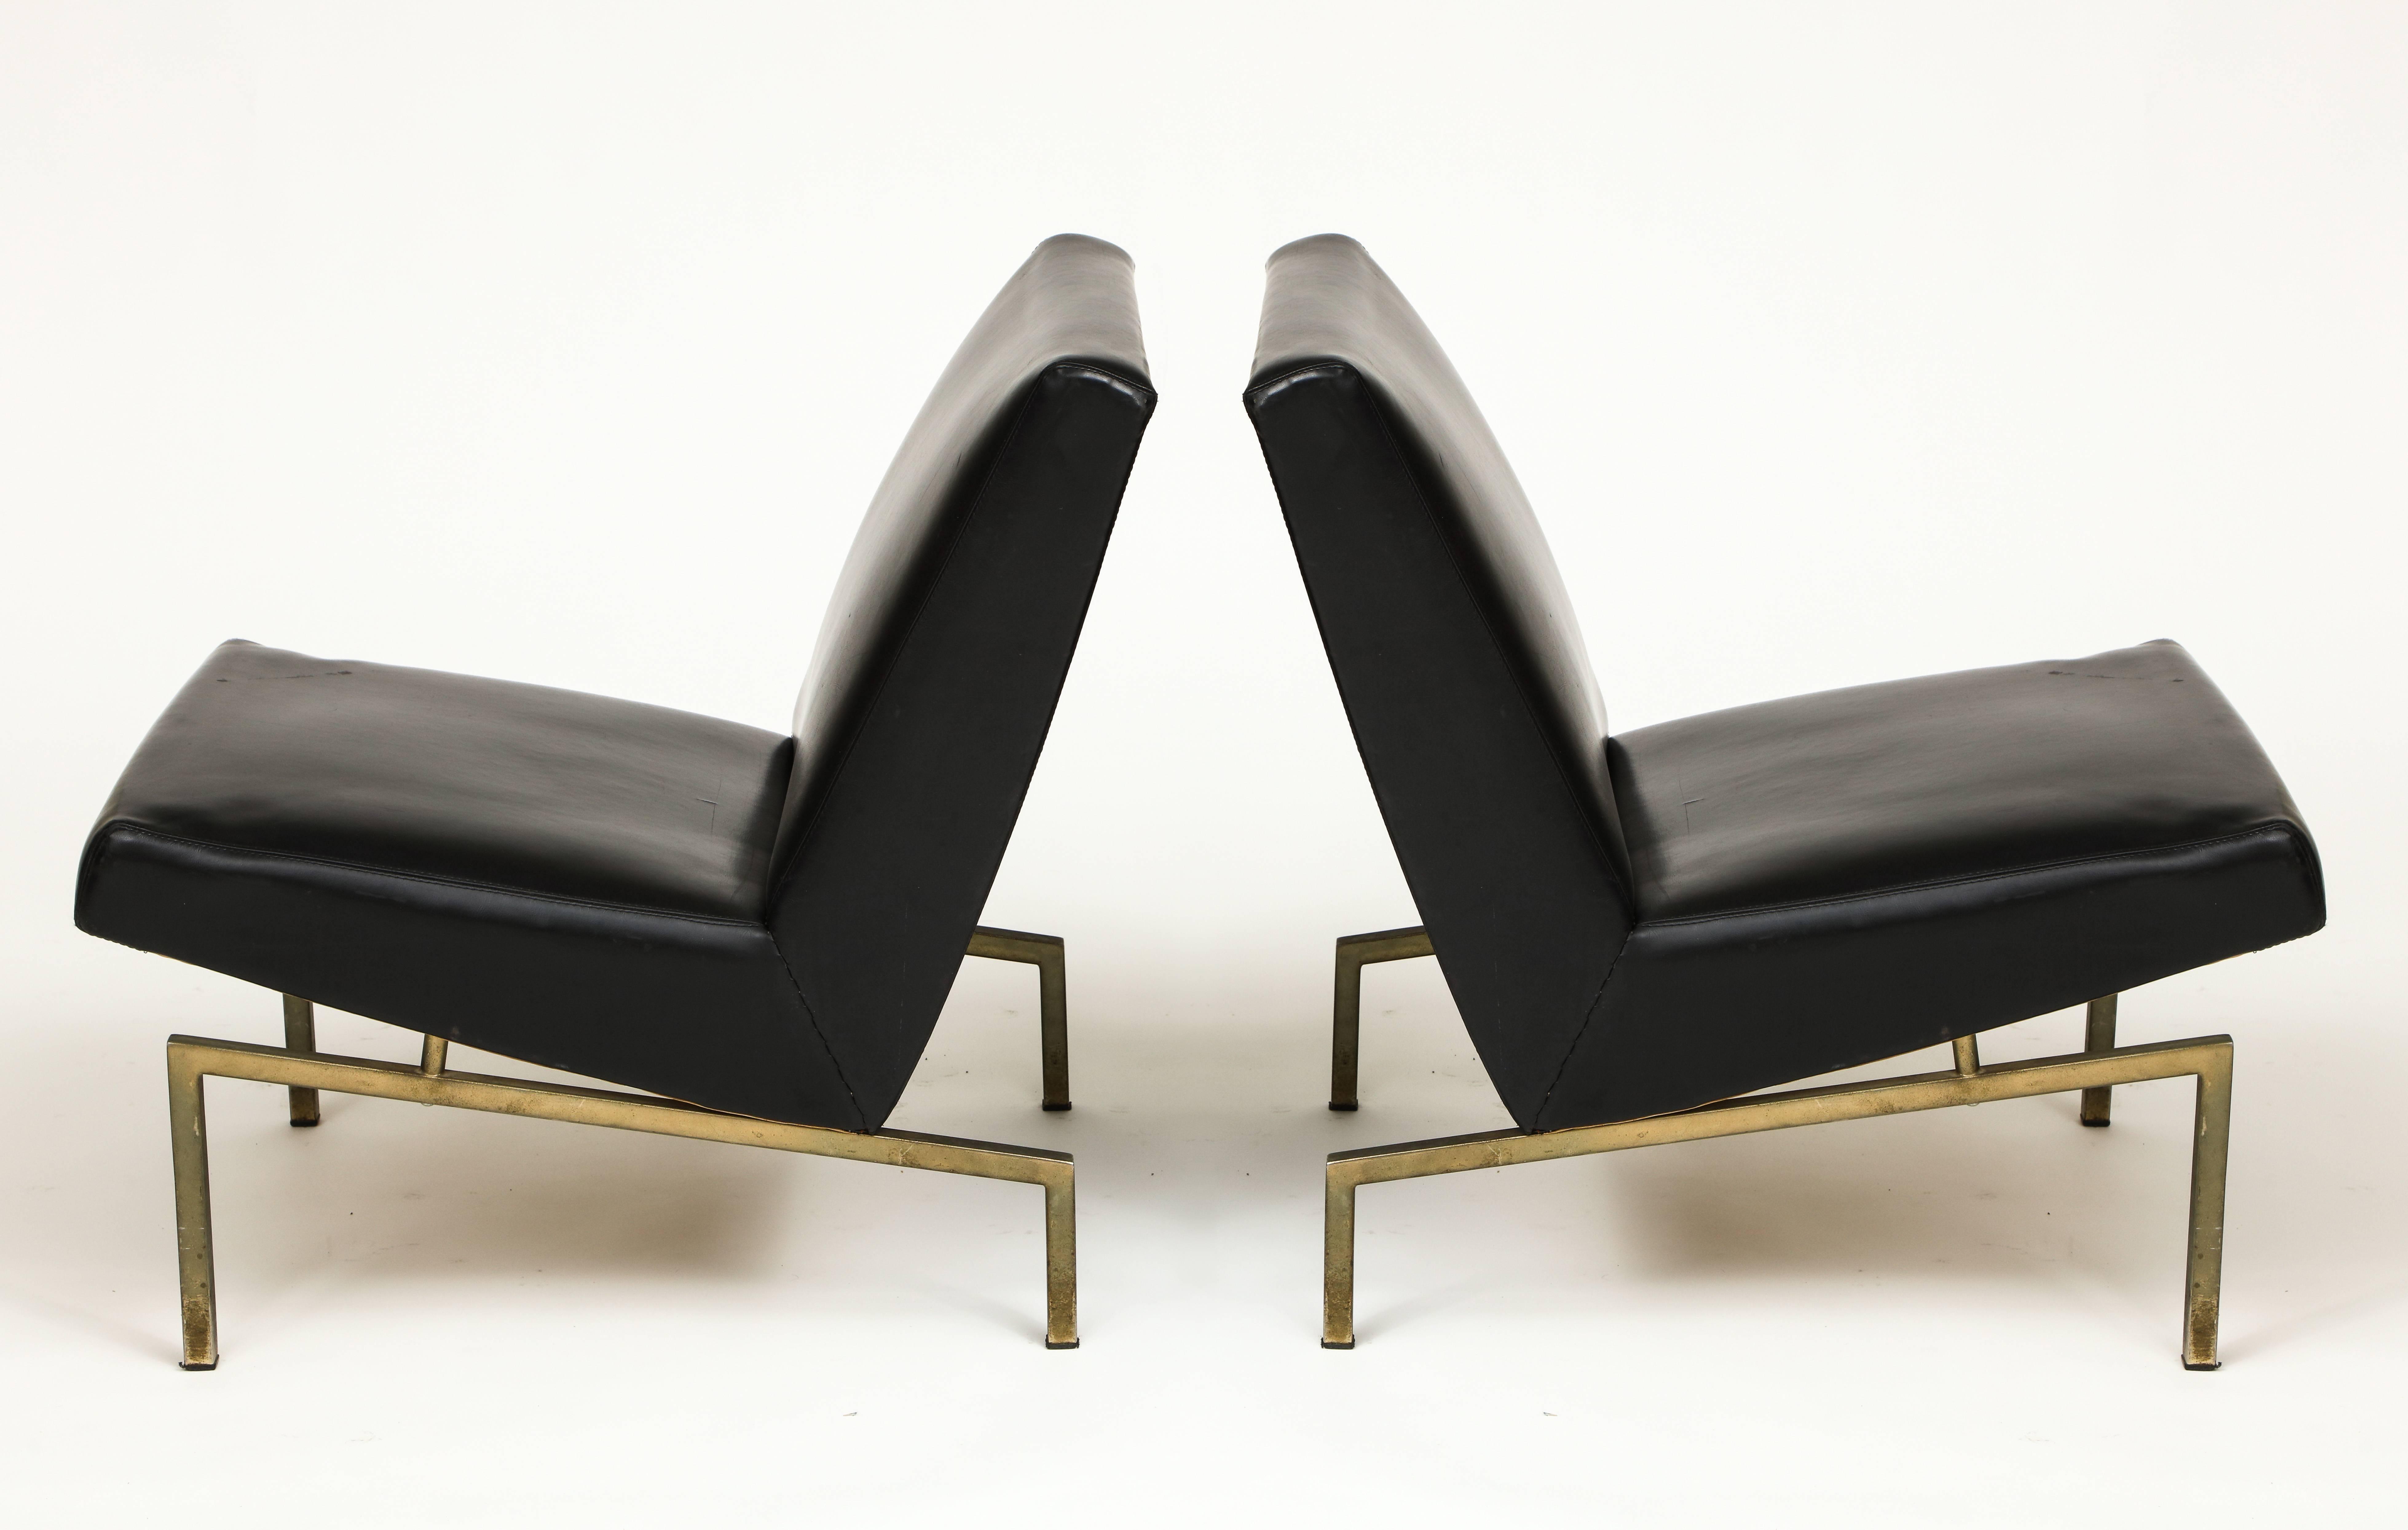 pin idillucinspiration furniture brass chair pinterest